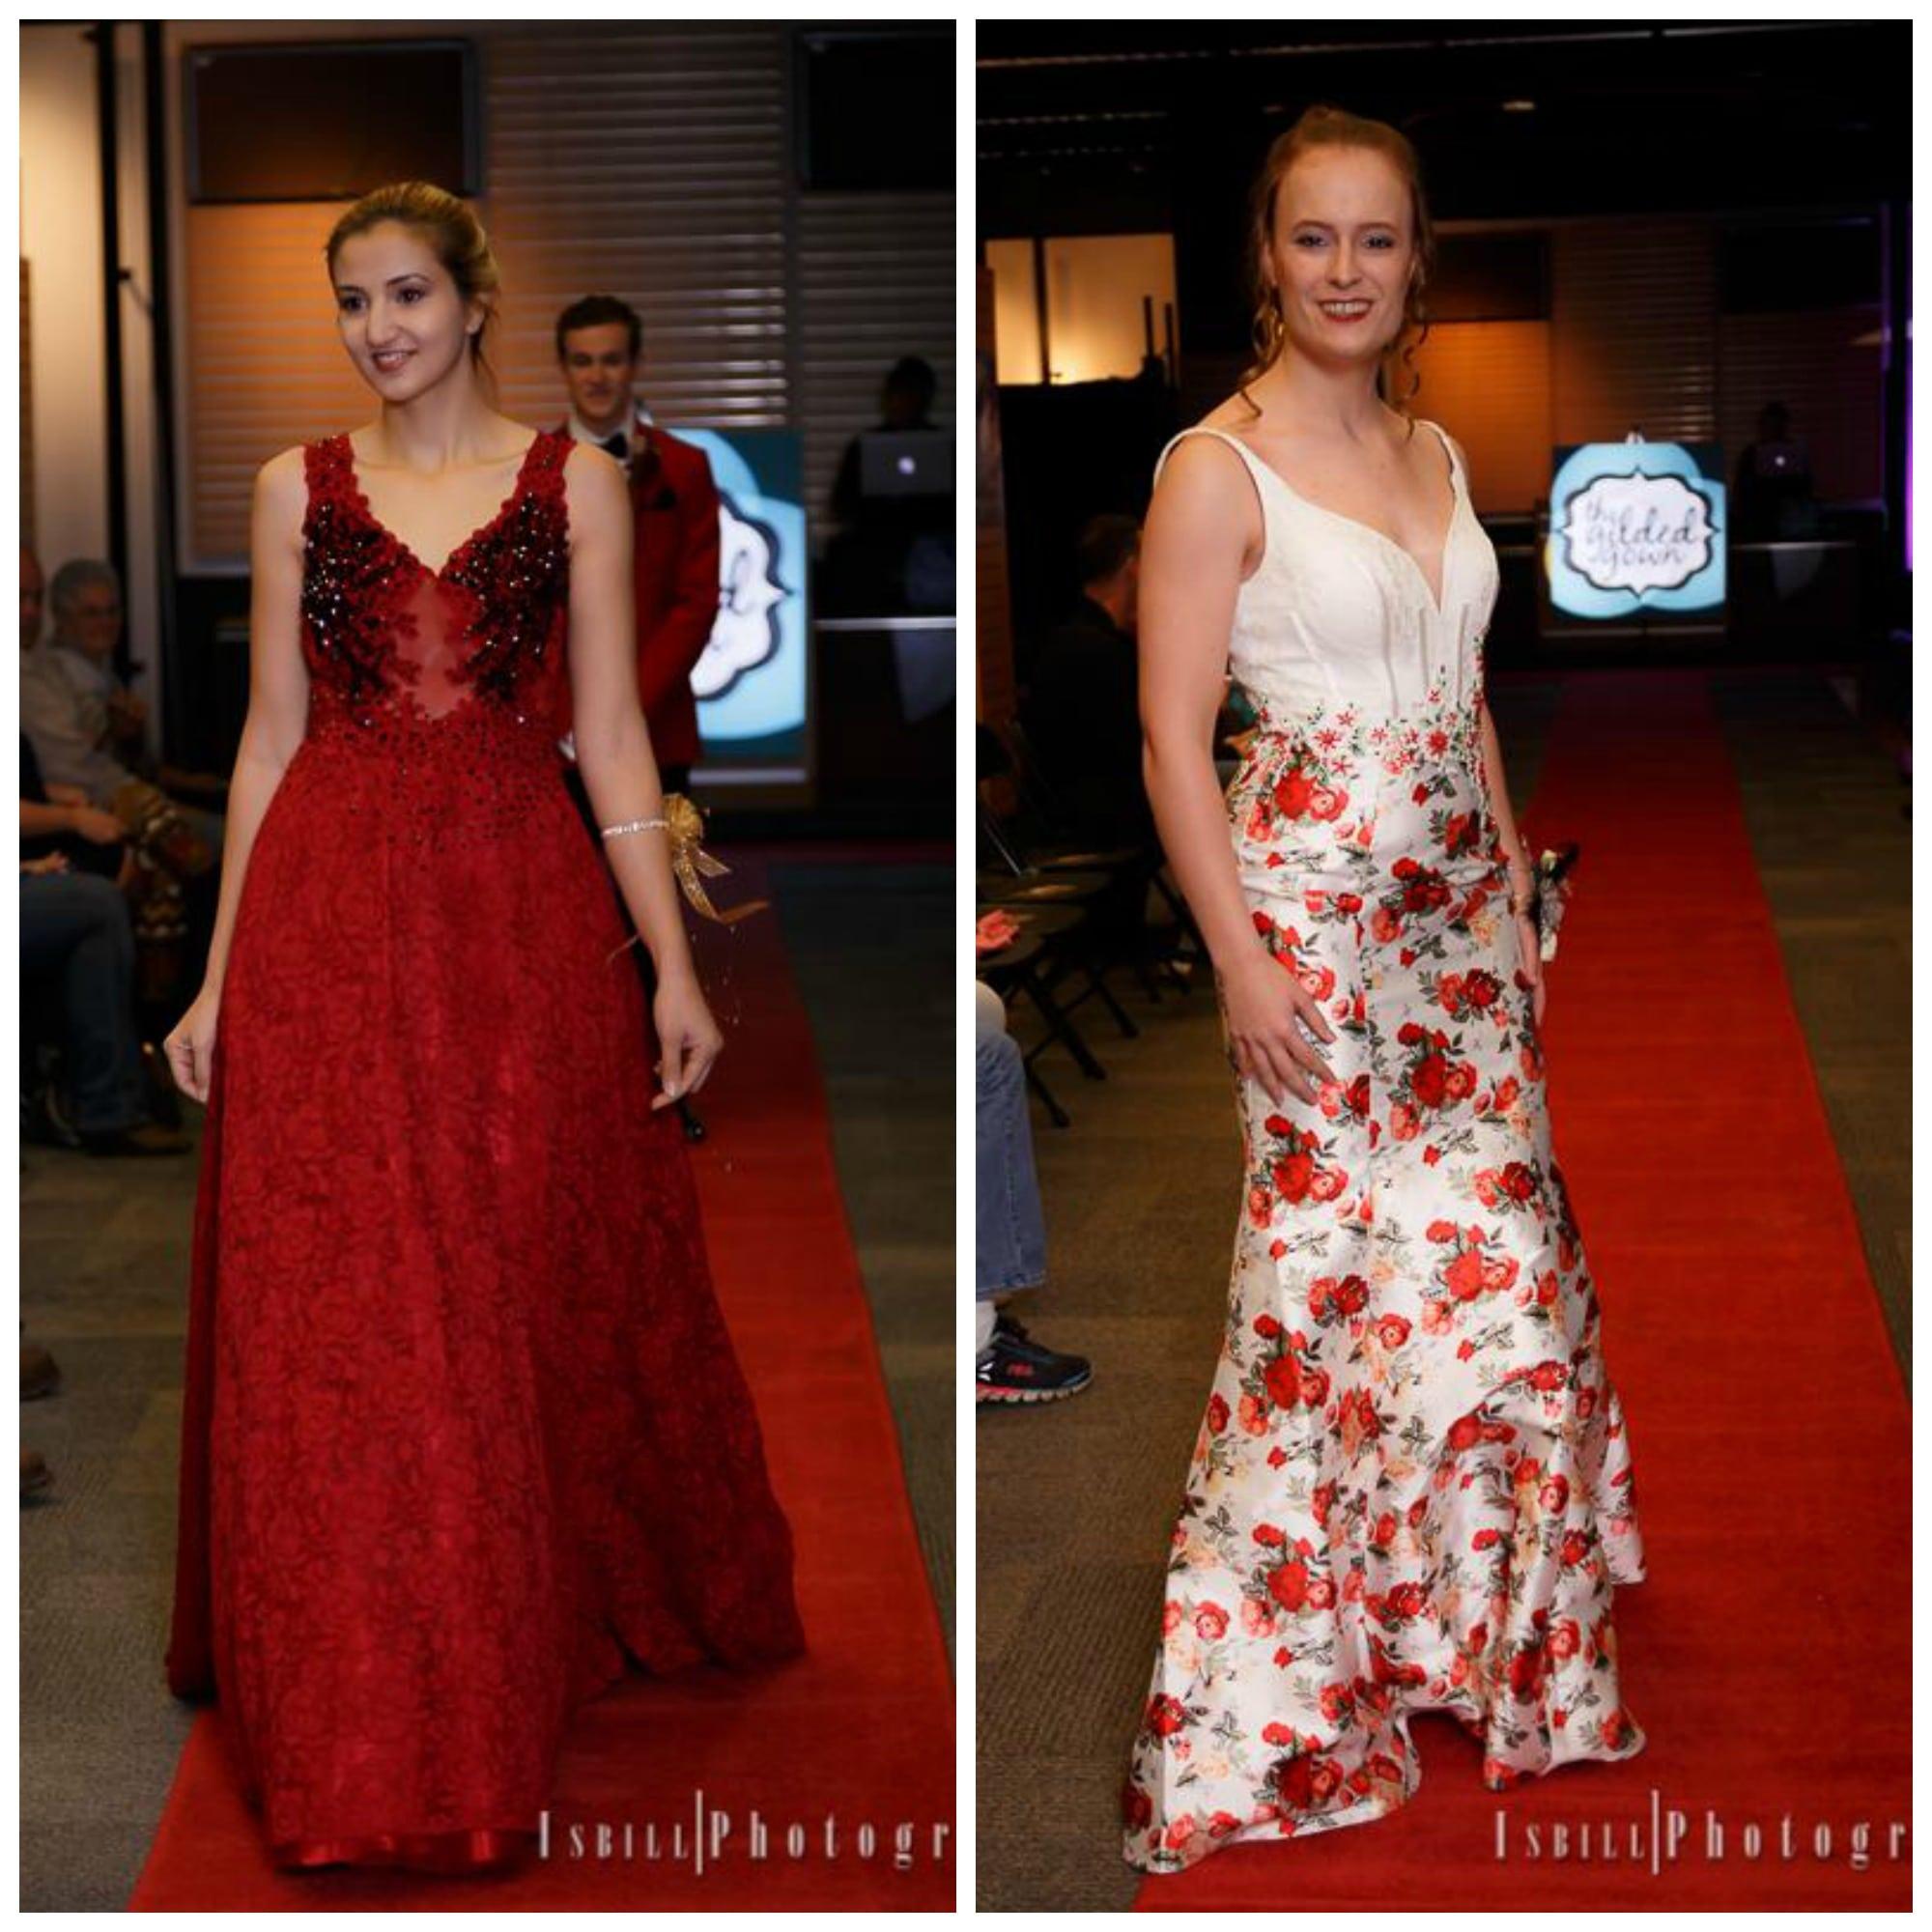 Berühmt Prom Kleider Las Vegas Shops Ideen - Hochzeit Kleid Stile ...